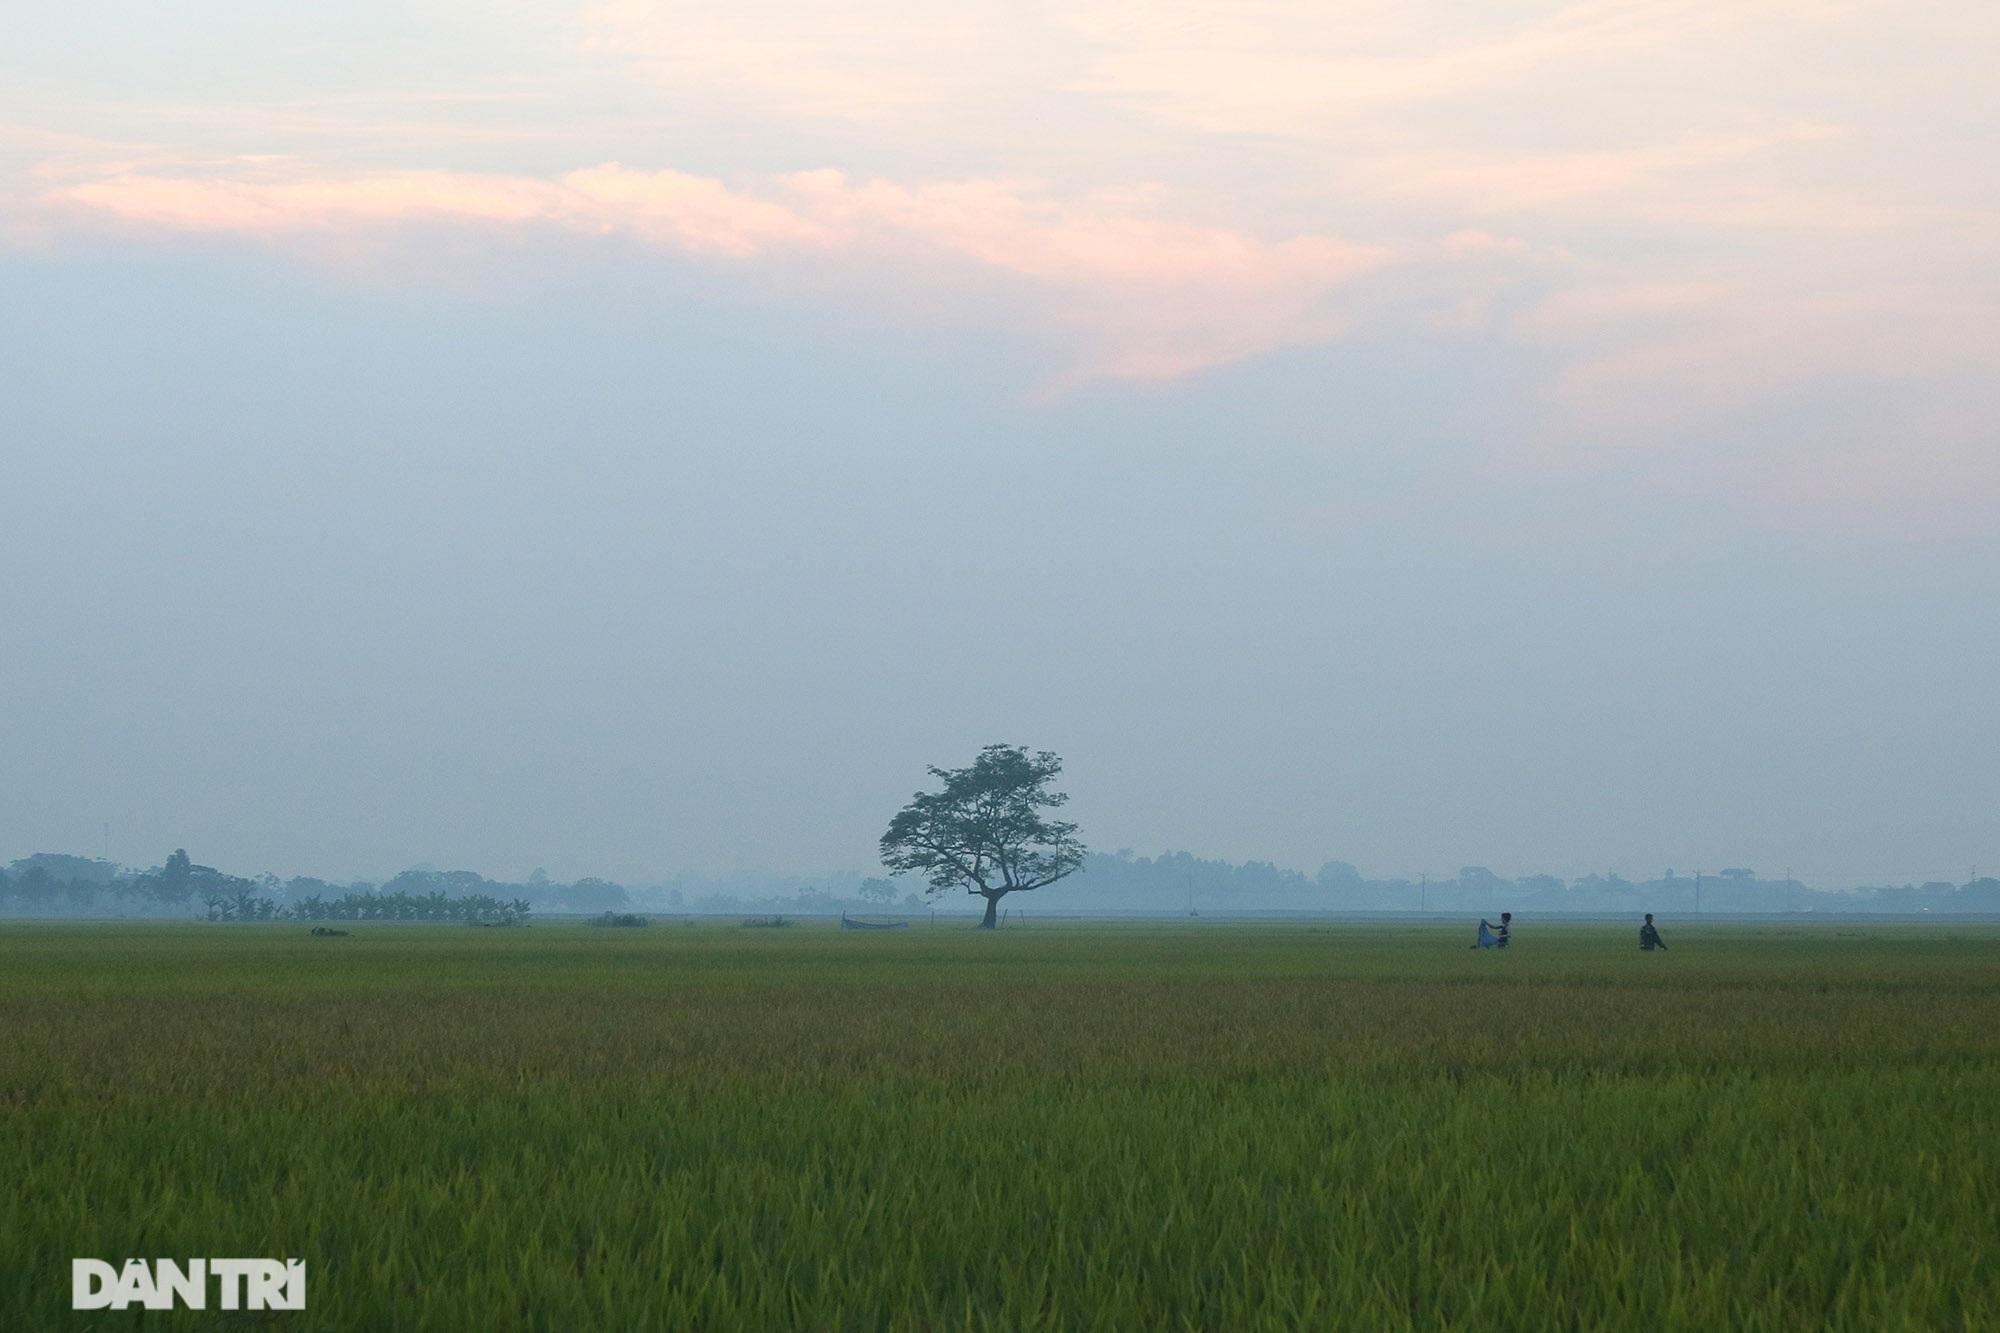 Bình yên những chiều quê ở ngoại thành Hà Nội - 13